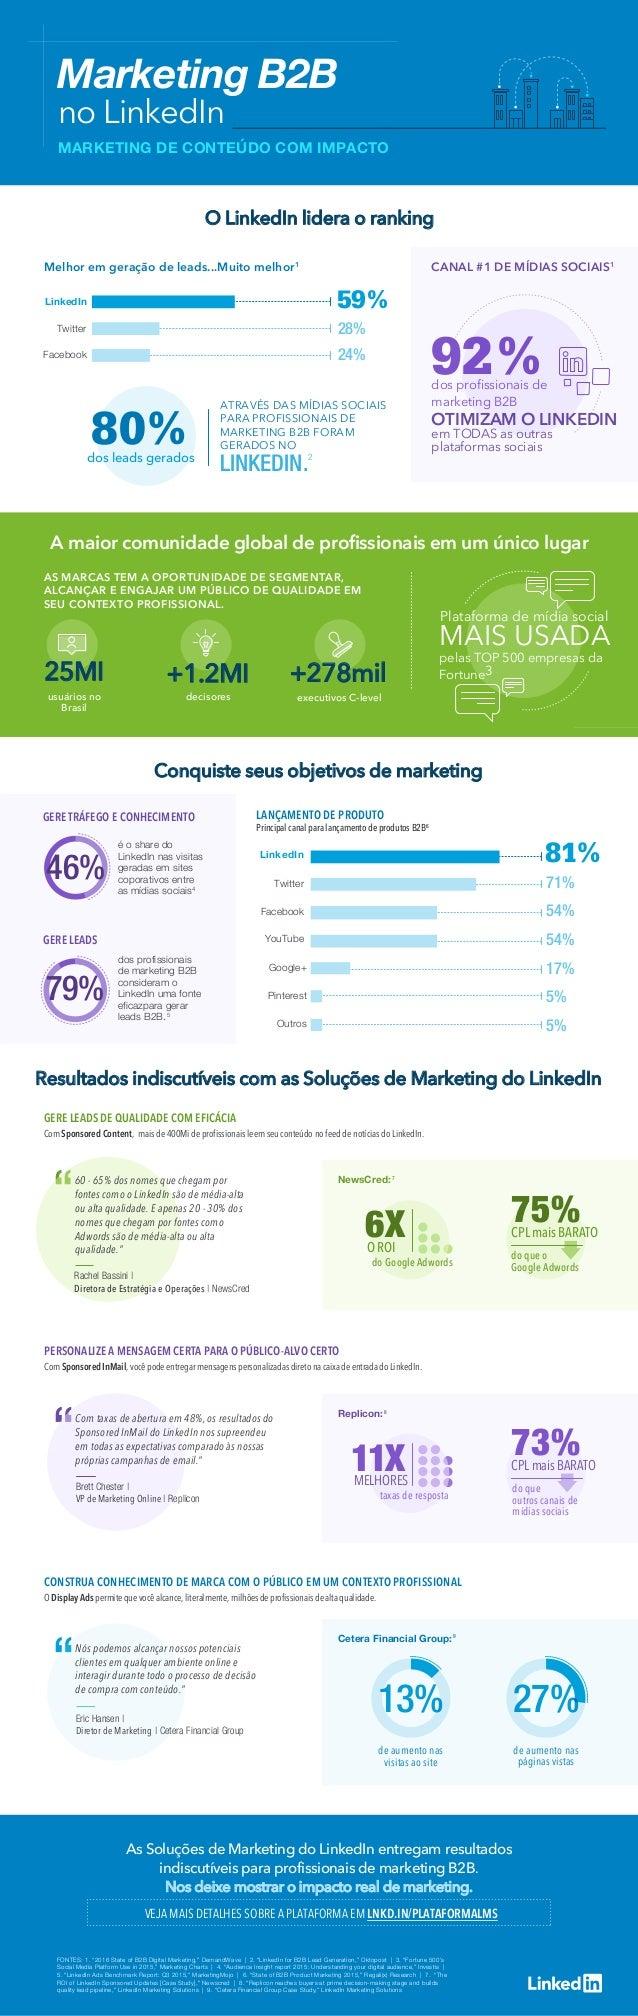 As Soluções de Marketing do LinkedIn entregam resultados indiscutíveis para profissionais de marketing B2B. Nos deixe most...